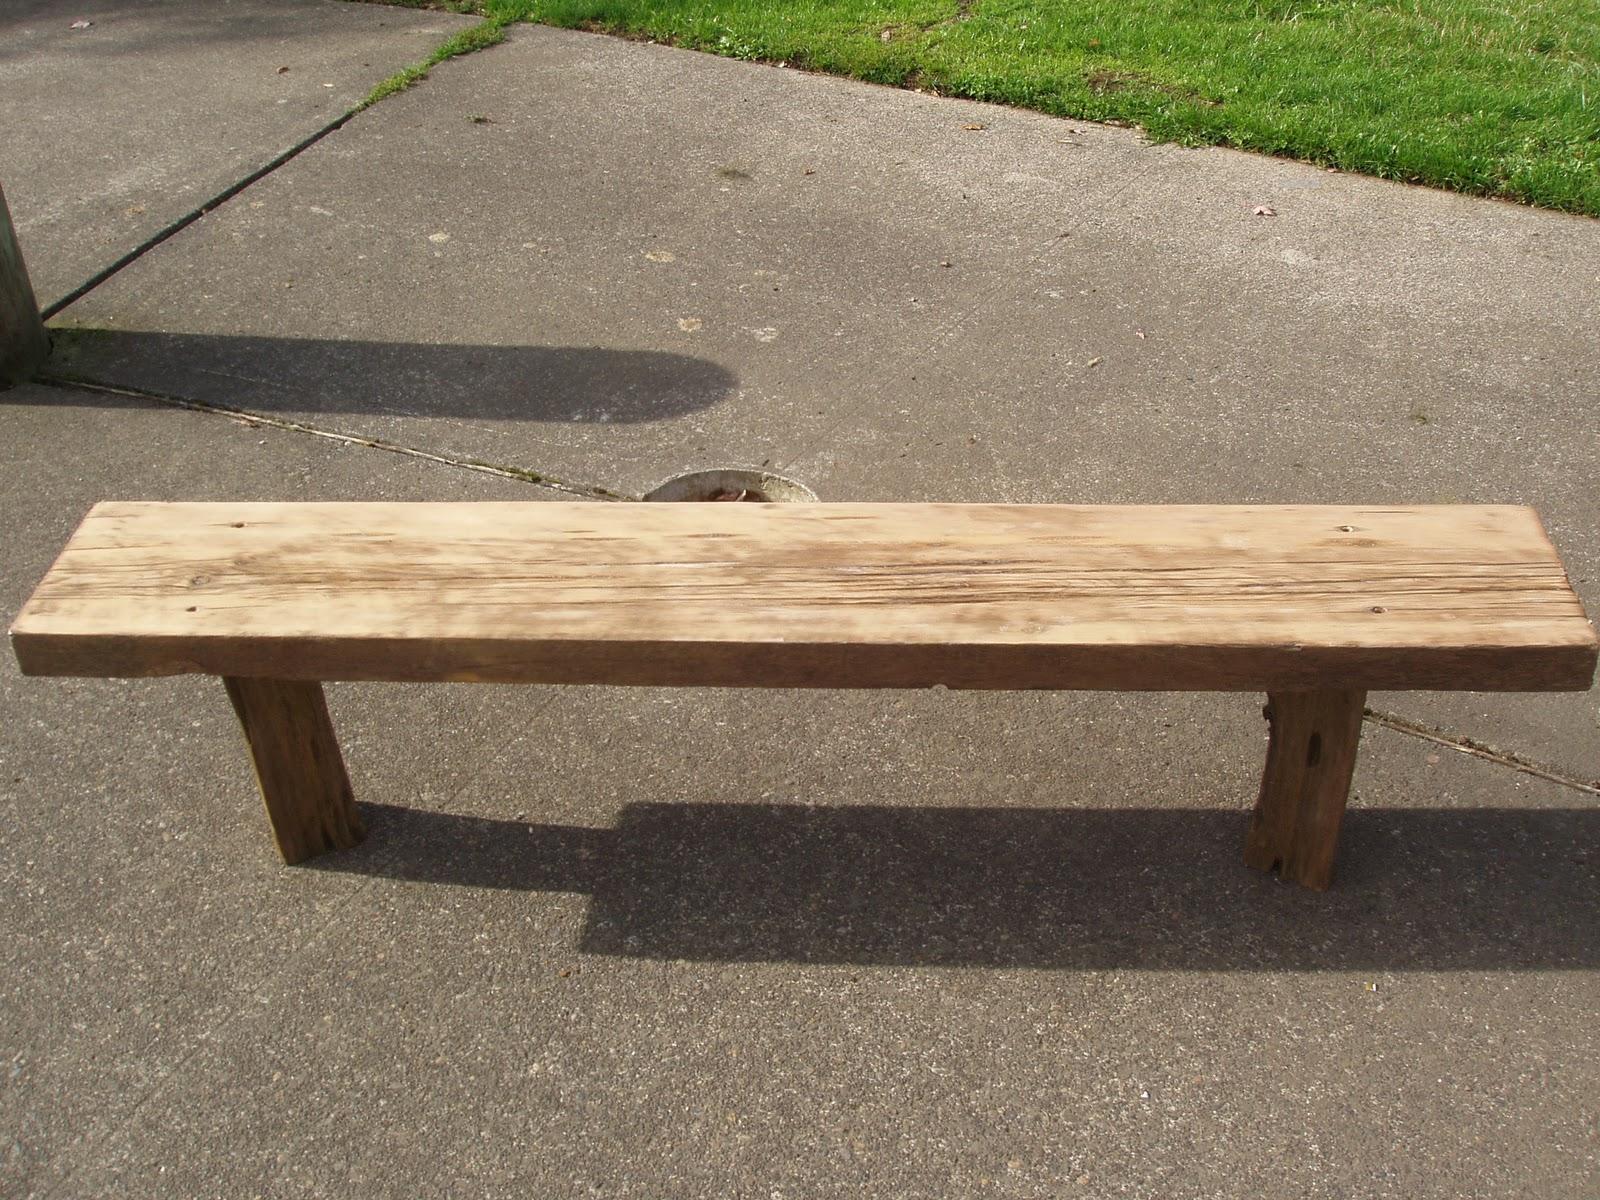 Driftedge Woodworking Driftwood Douglas Fir Bench With Pacific Coast Red Cedar Legs Sold